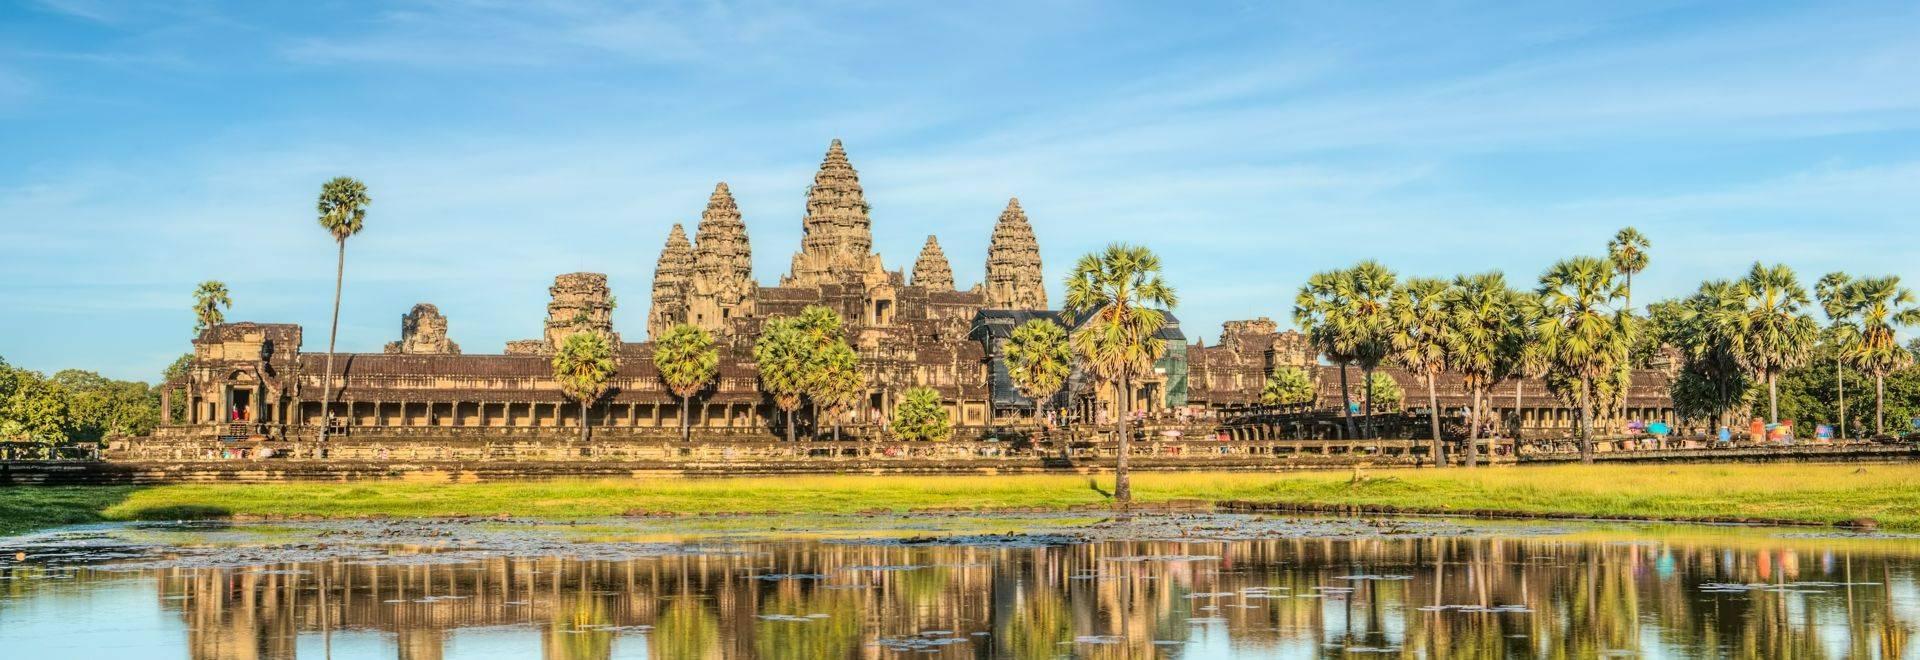 Shutterstock 212275141 Angkor Wat